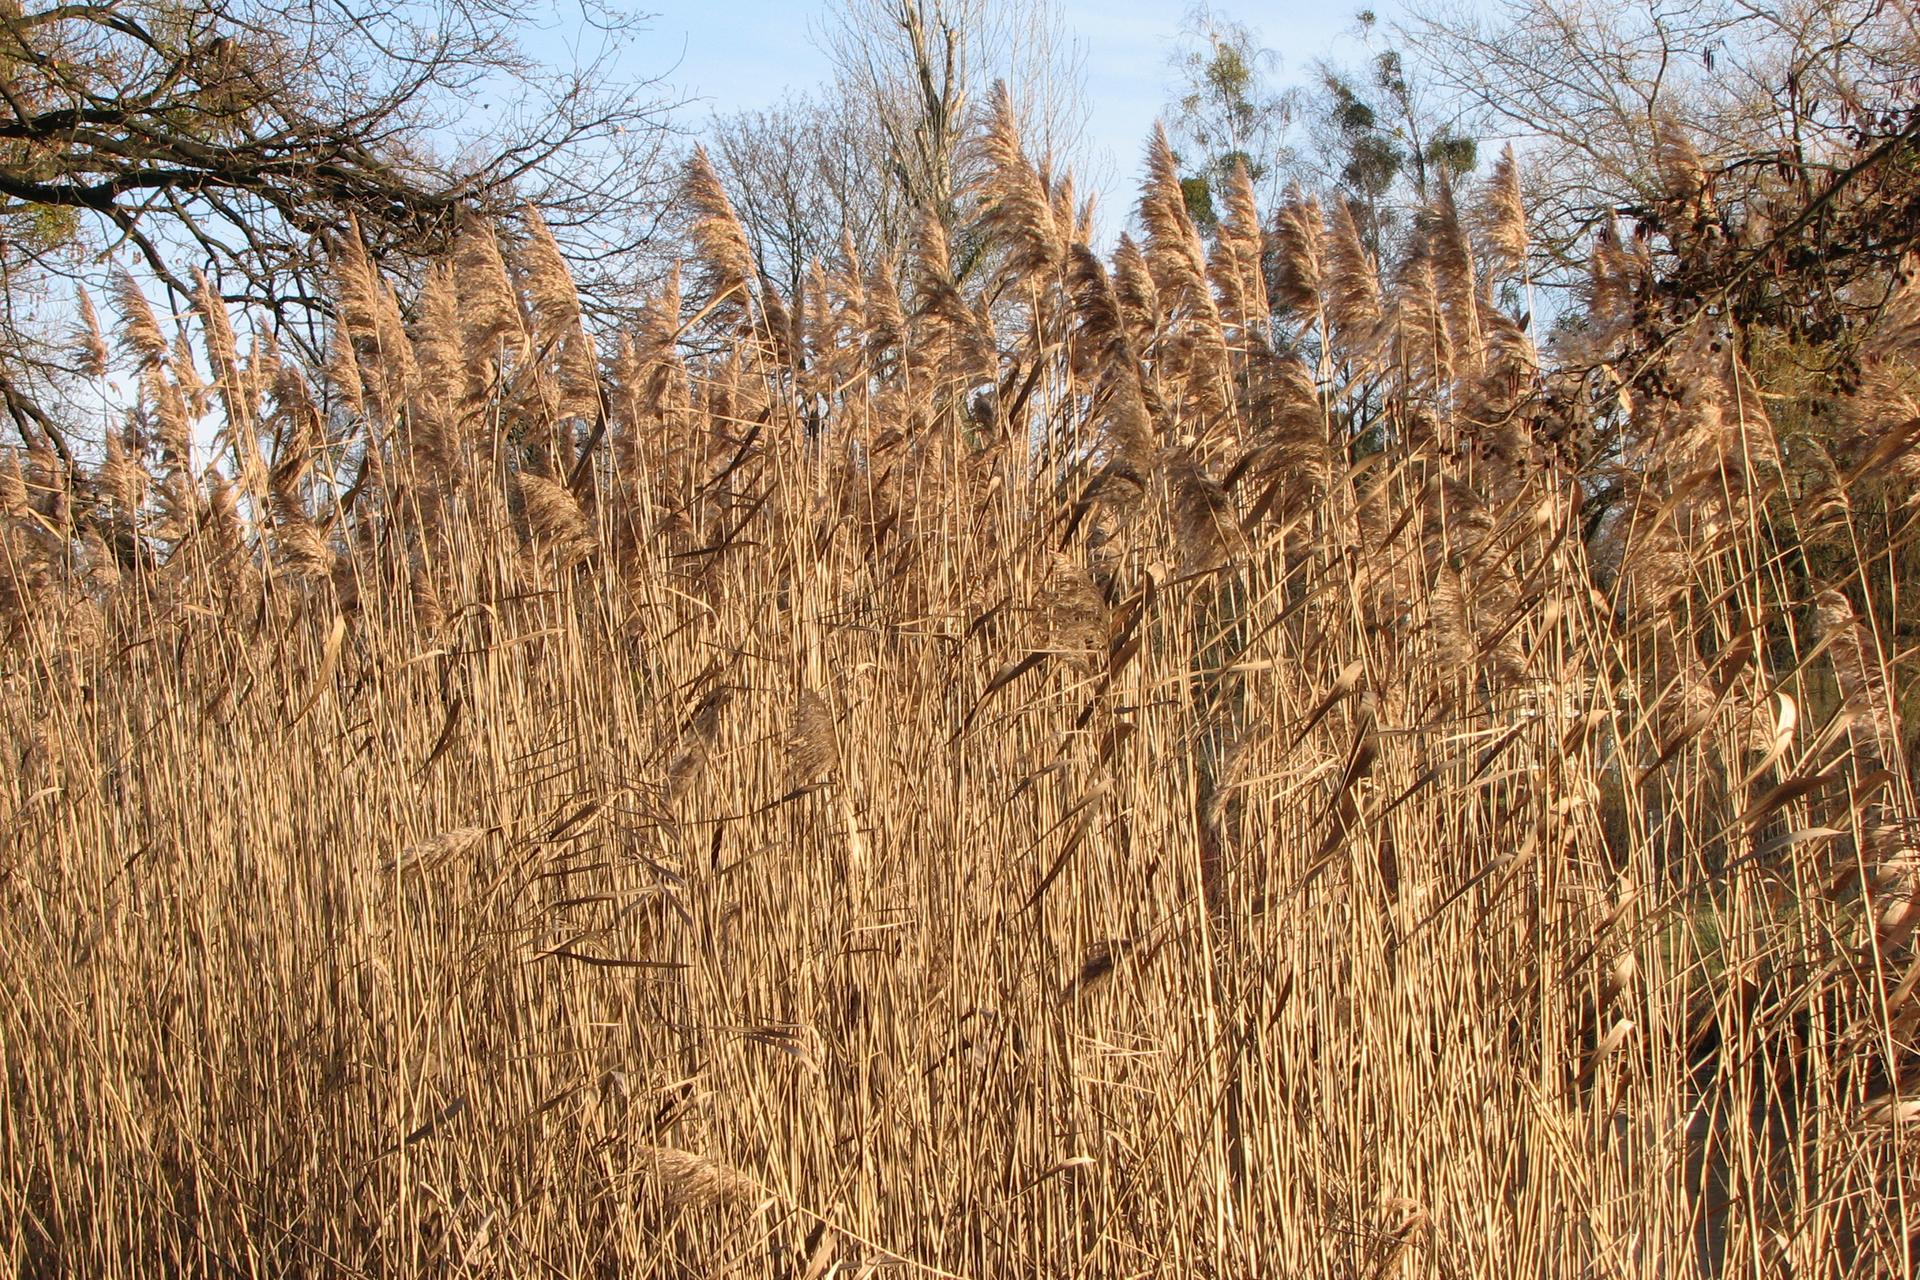 Fotografia przedstawia łan pożółkłych trzcin. Wtle są drzewa. Trzcina jest byliną, wytwarzającą kłącze